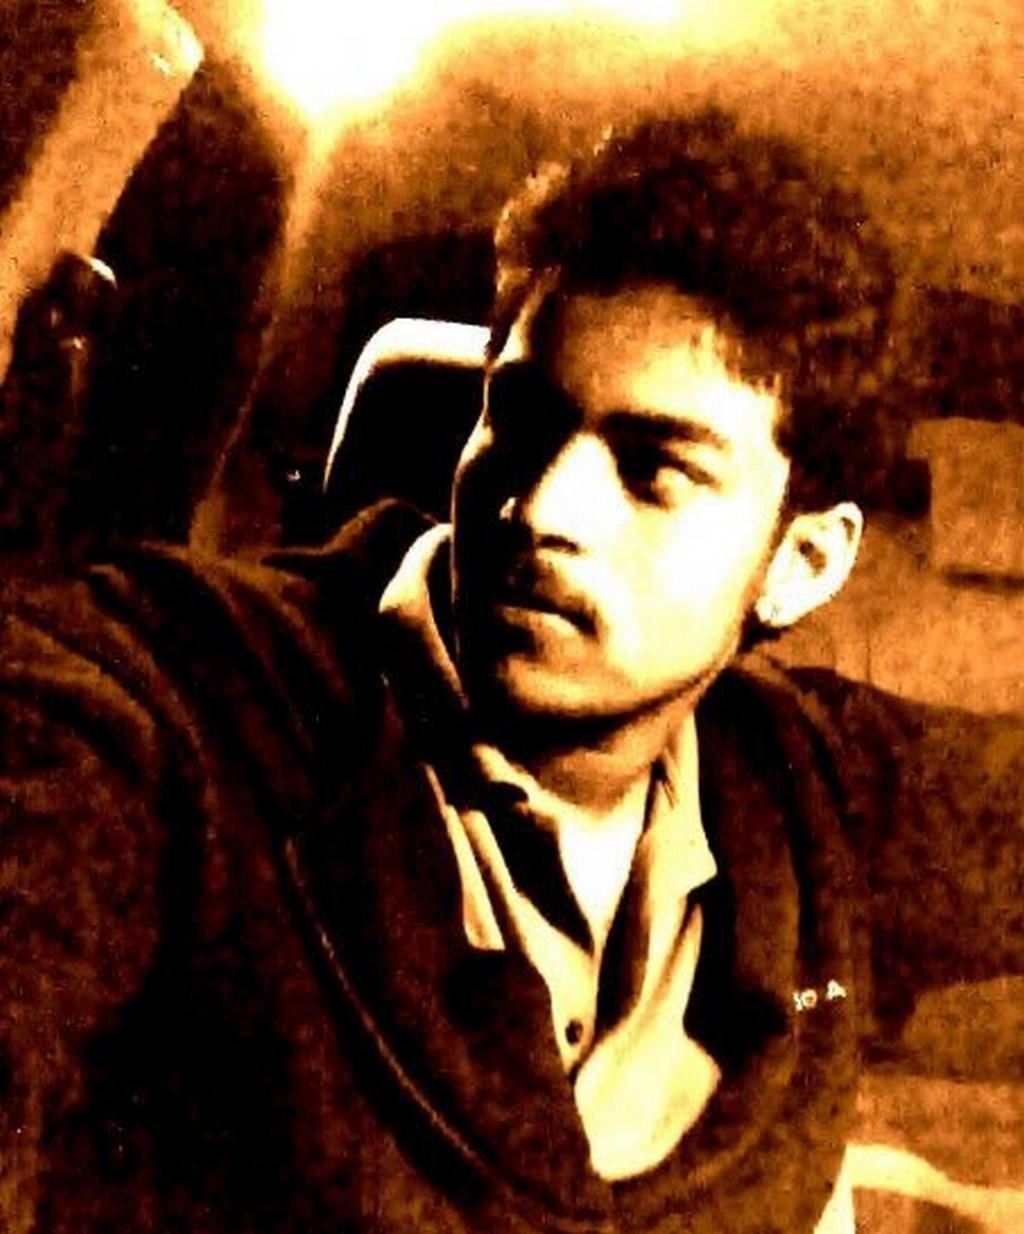 kapu naidus sangam naga babu son varun tej latest photo gallery kapu naidus sangam